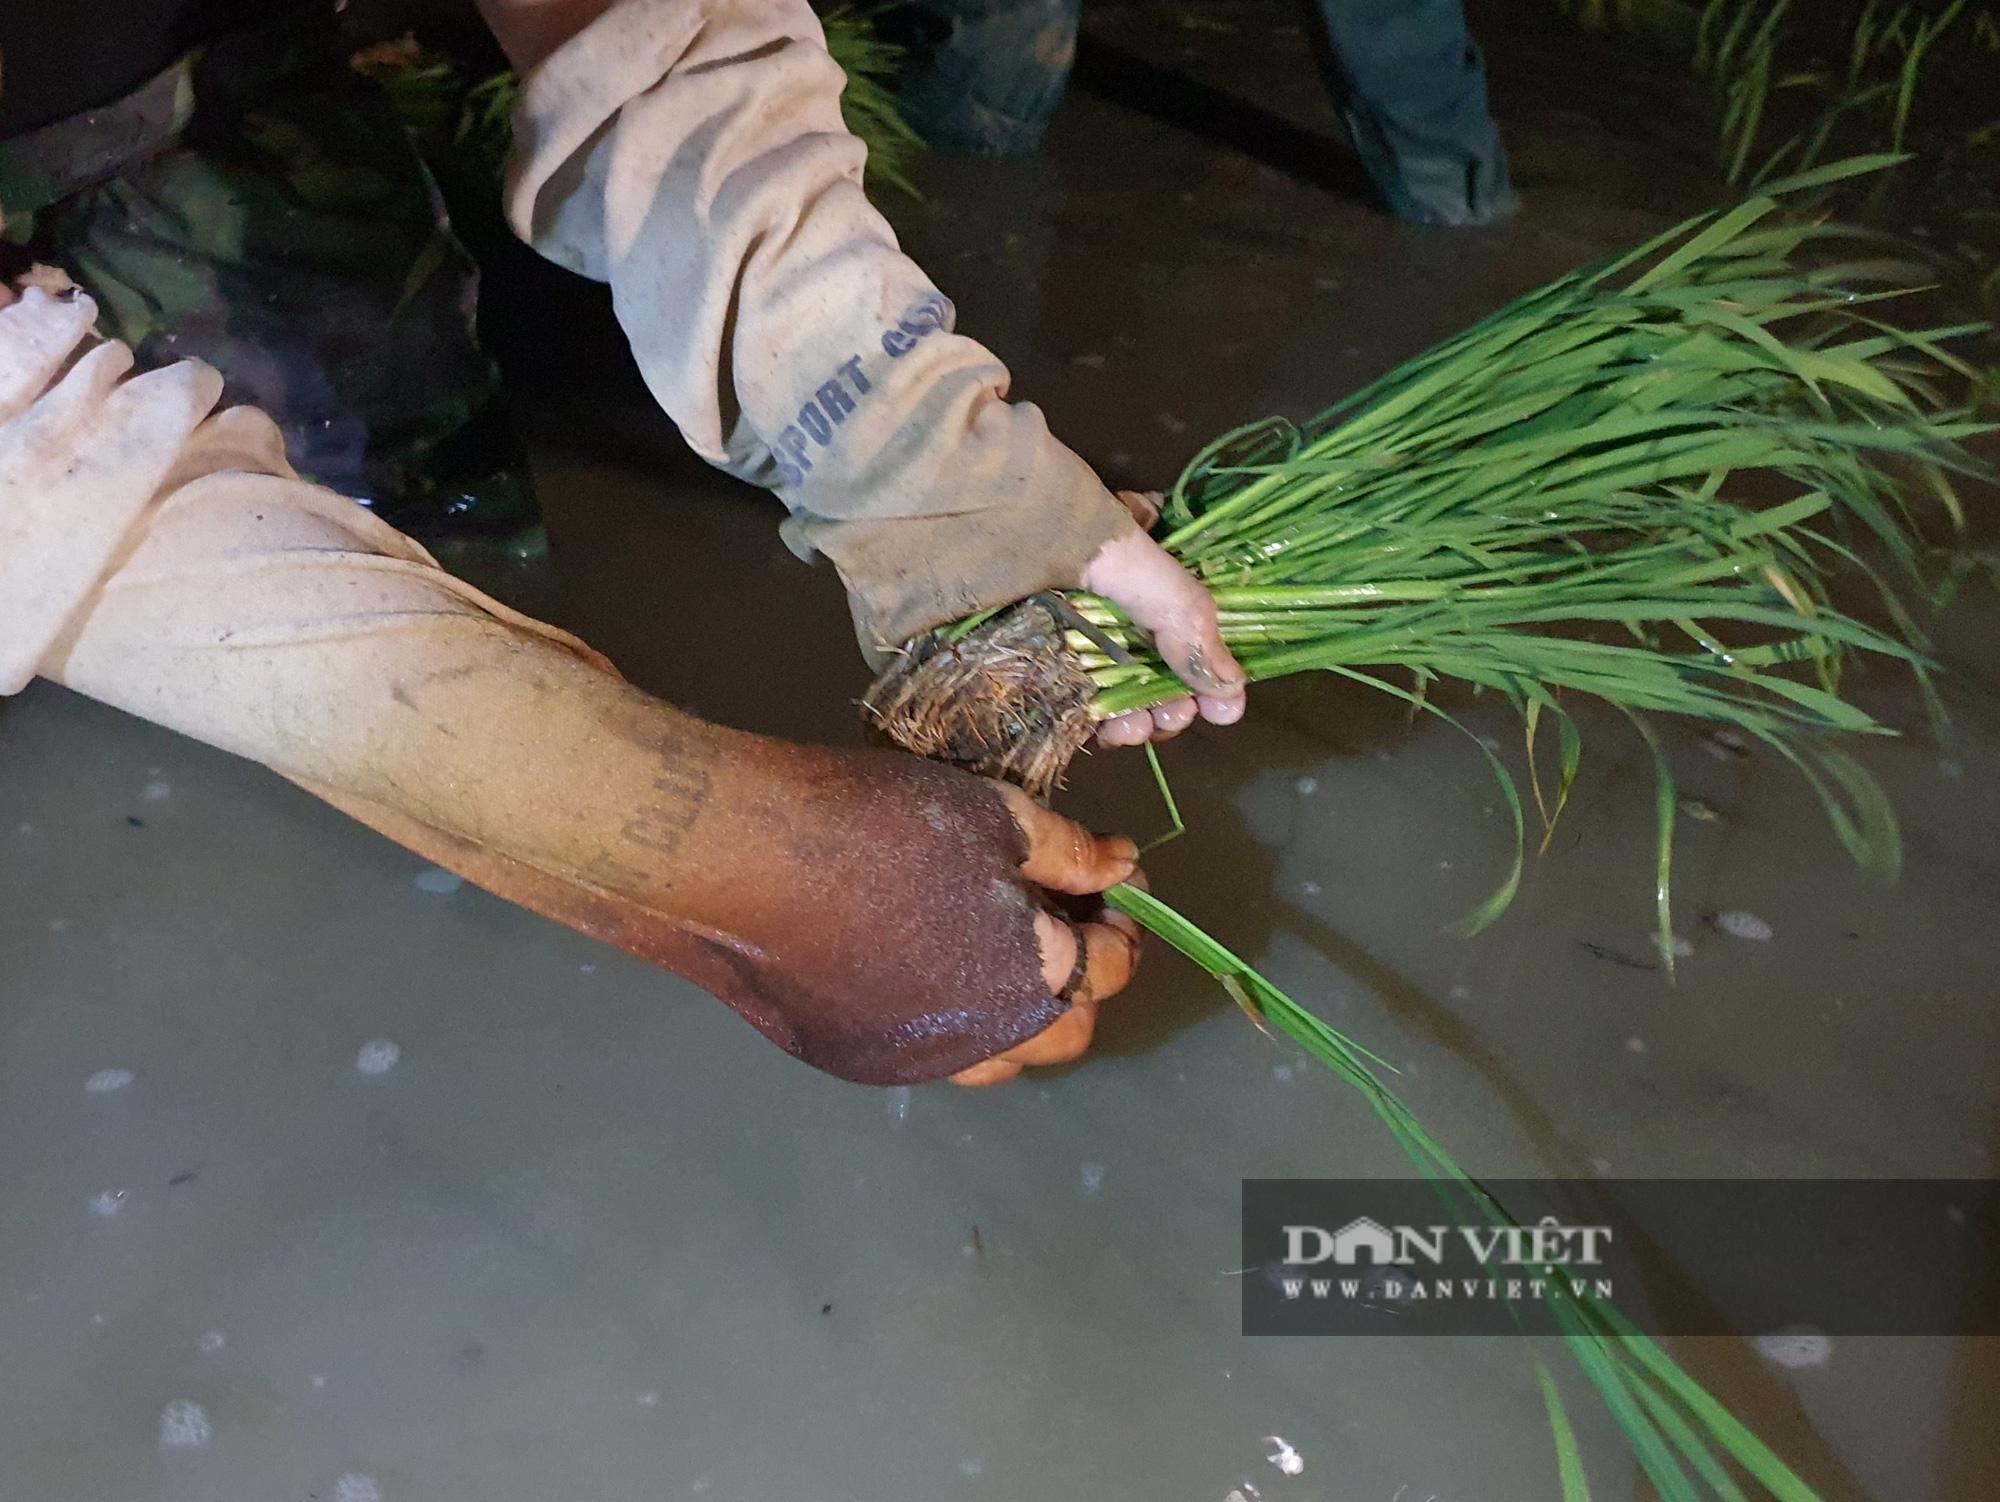 Thanh Hoá: Nắng nóng 40C nông dân Thanh Hóa chong đèn đi cấy lúa đêm  - Ảnh 3.